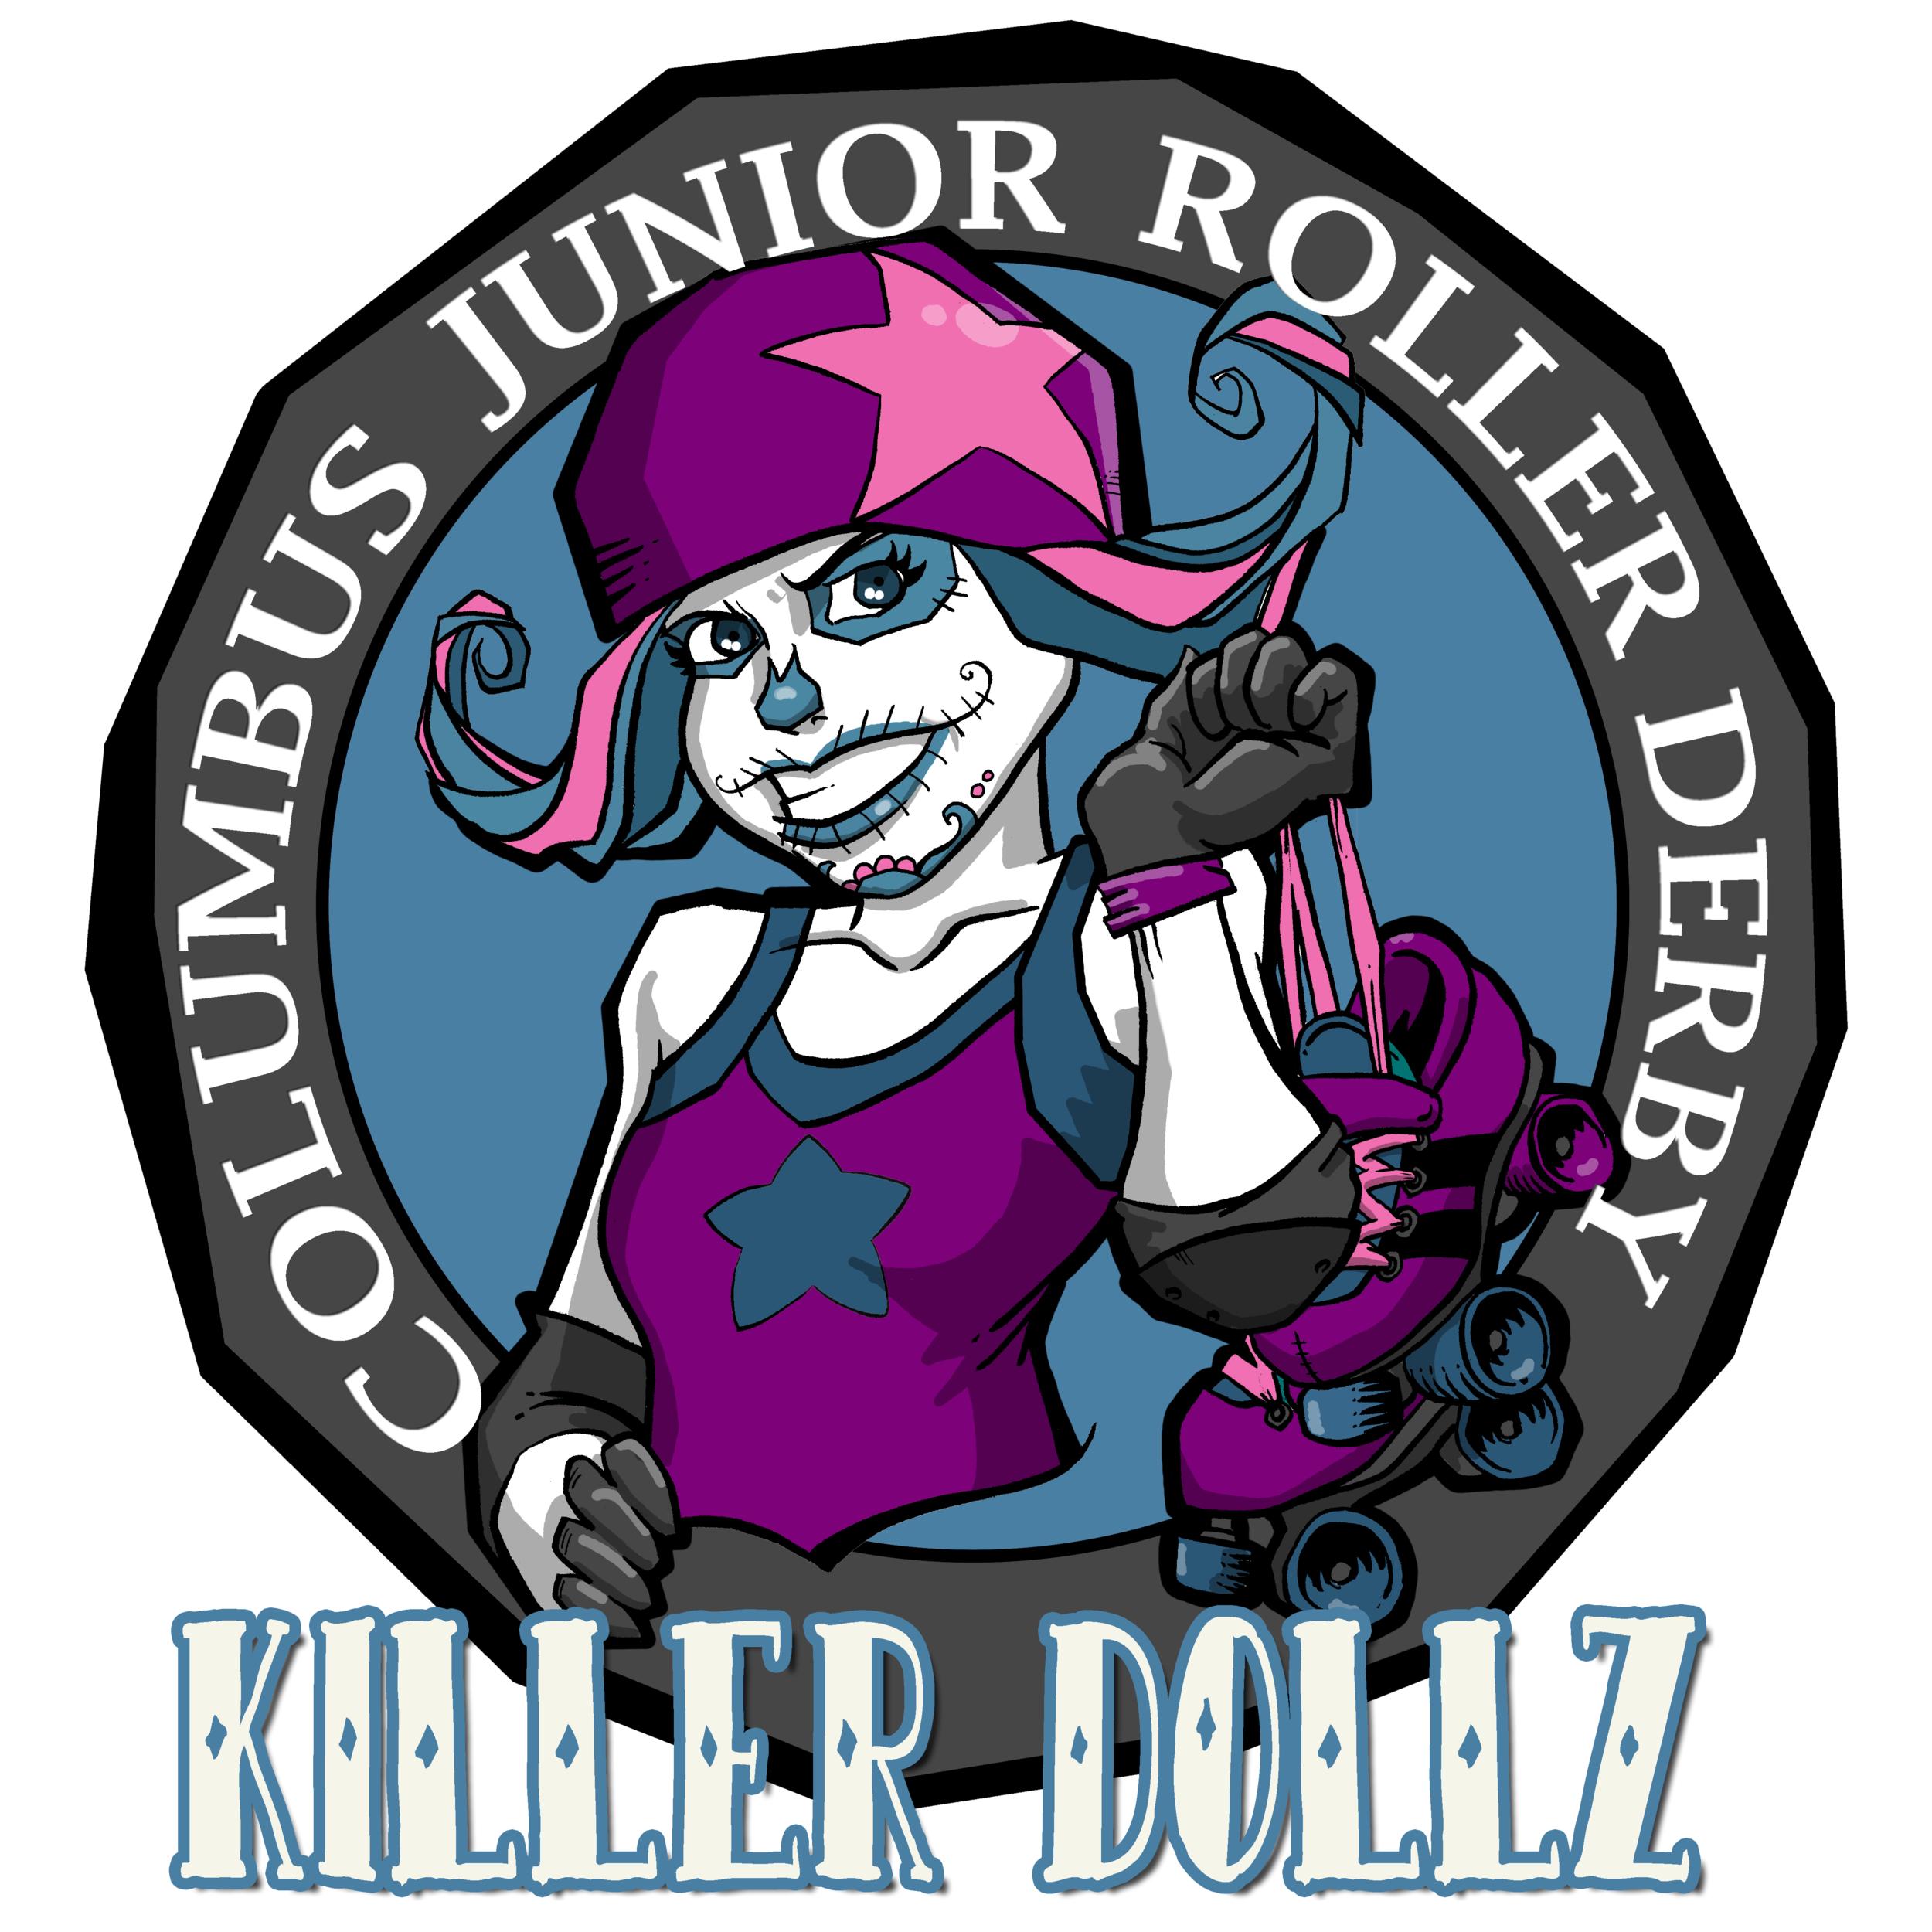 Killer Dollz